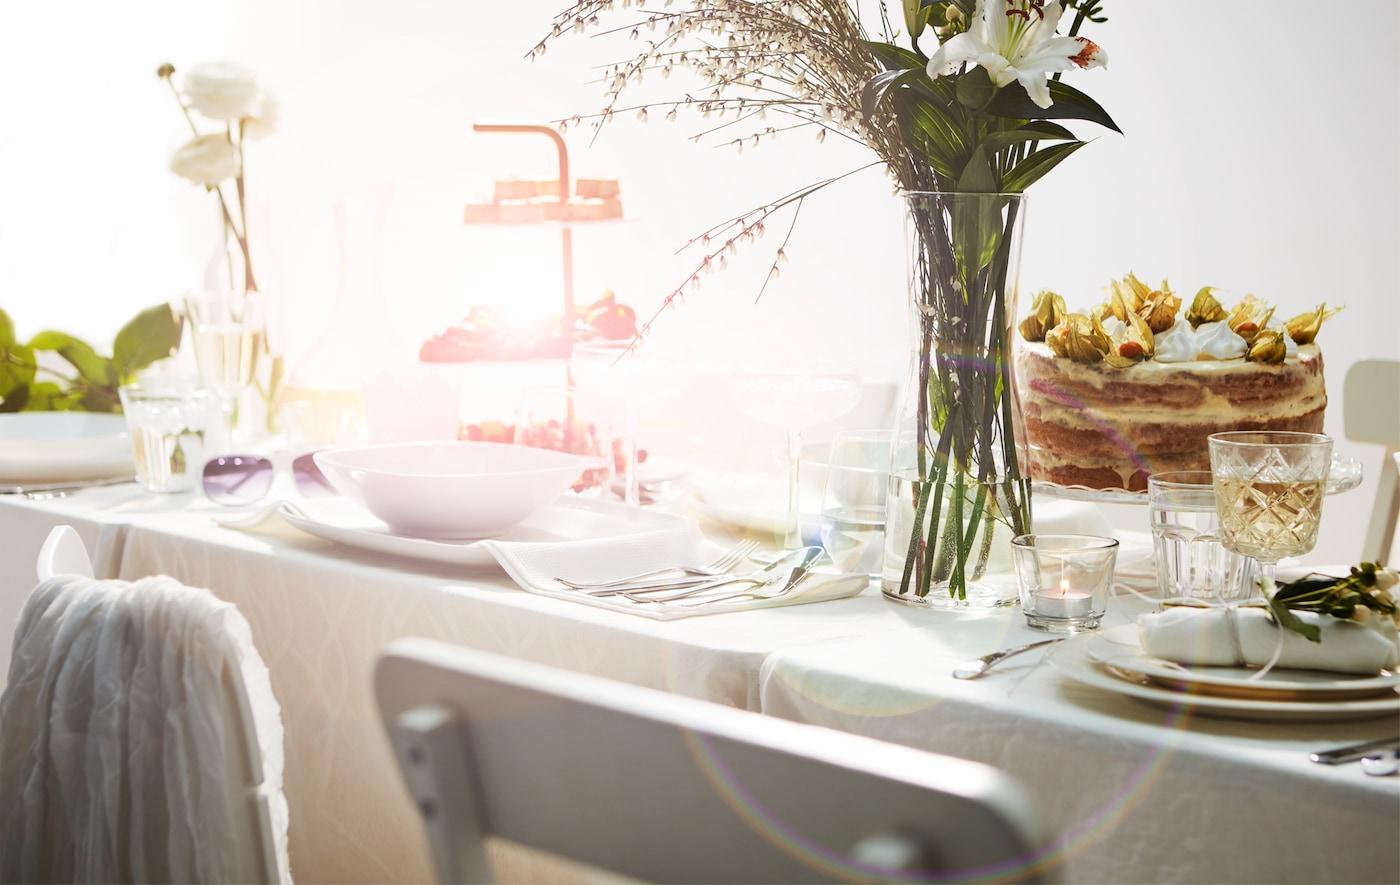 Langbord dekket i en romantisk stil med hvite møbler, hvit duk og hvitt servise, hvit kake, hvitt kakefat og hvite blomster.